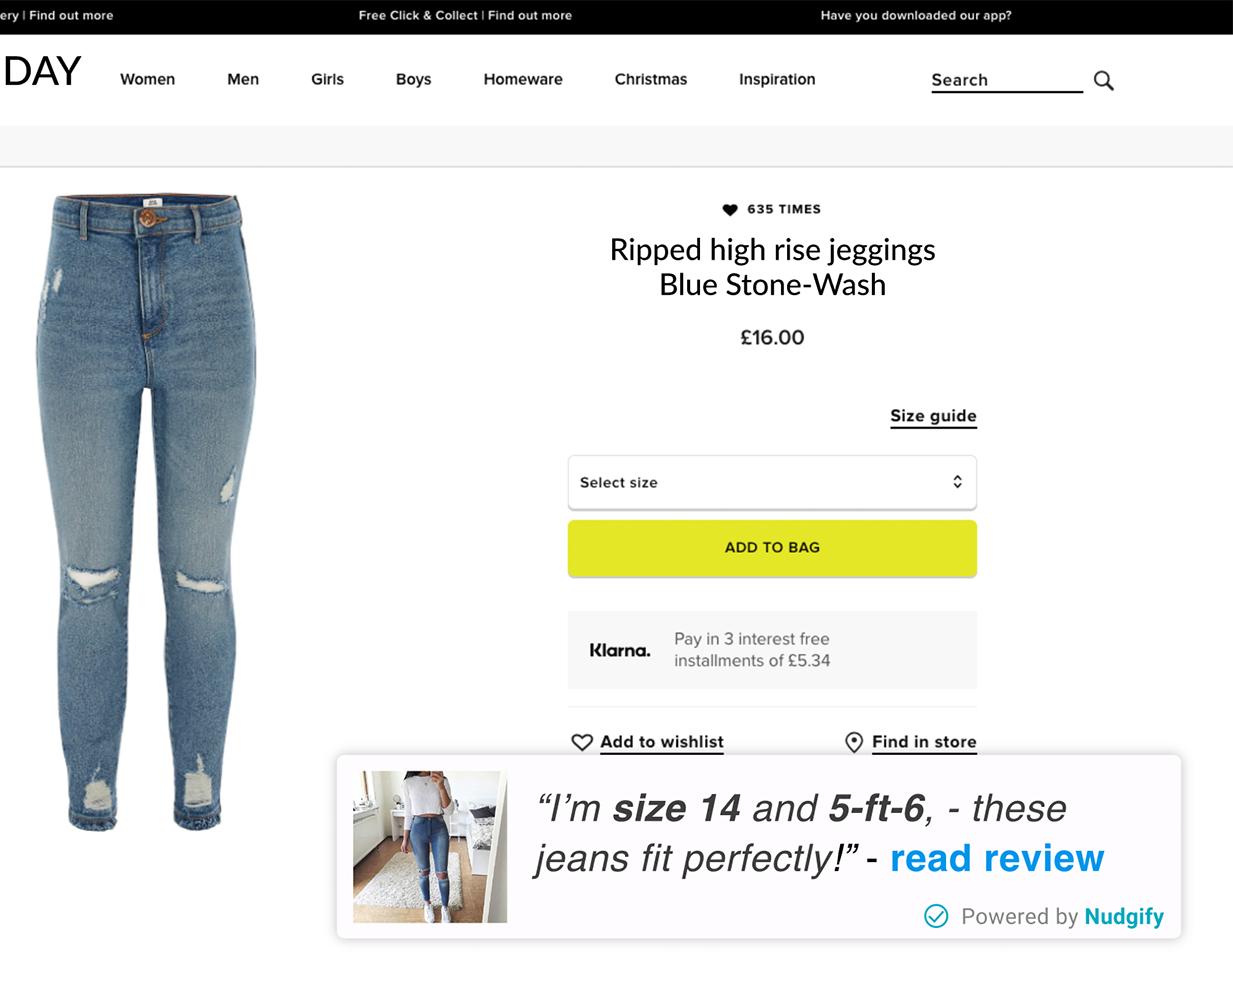 fashion ecommerce reduce returns